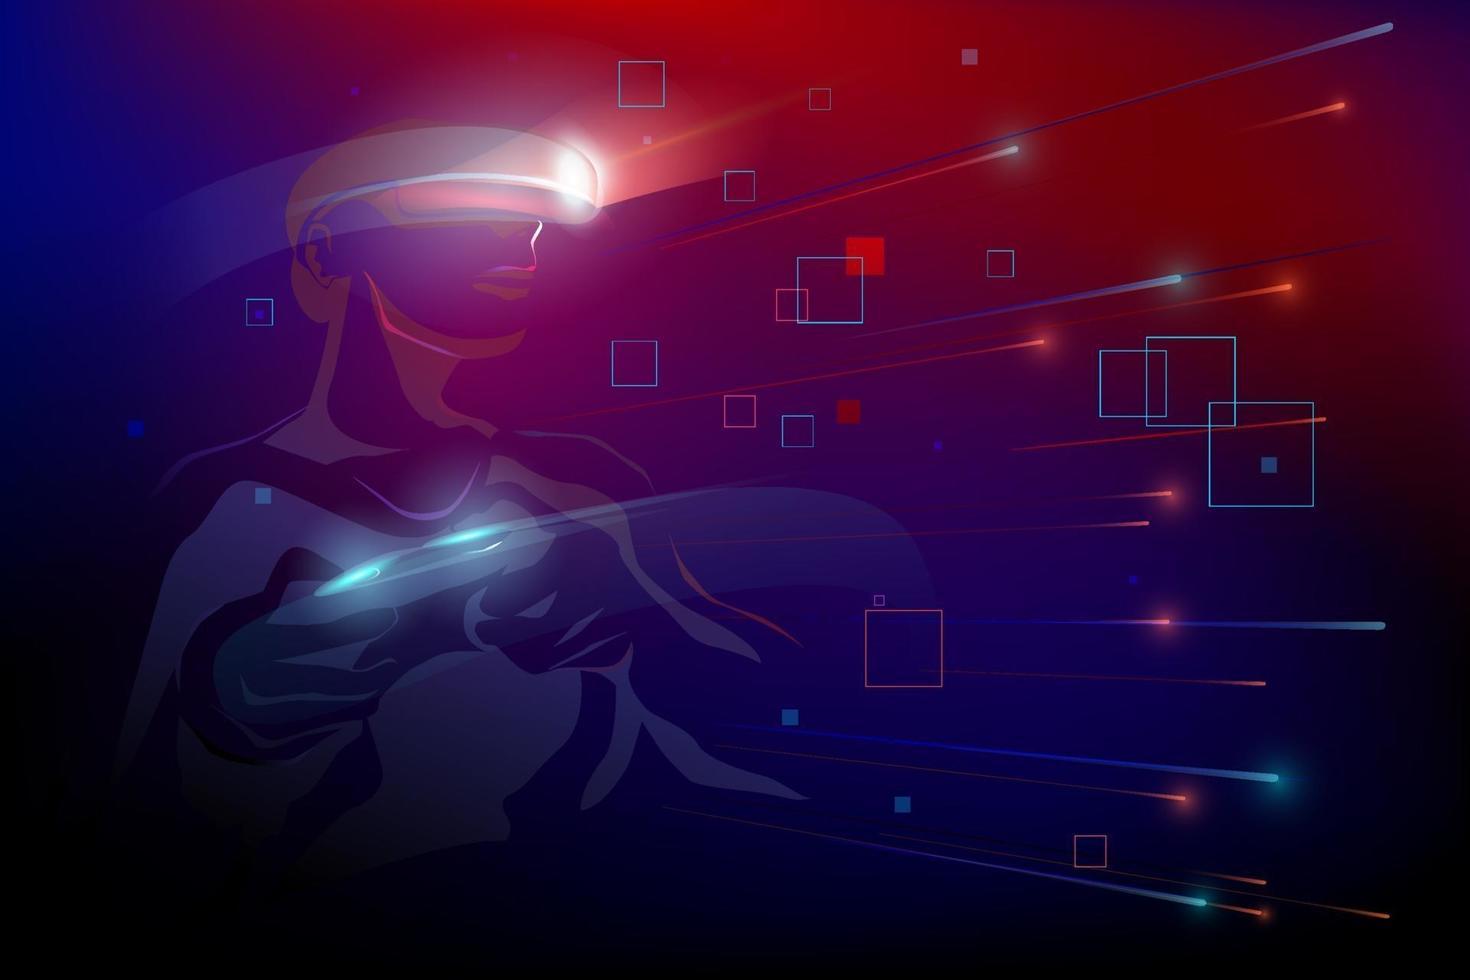 man som bär virtual reality-enhet vr spelar spel, rör rörelse i abstrakt digital 3d-värld, vektorillustration vektor